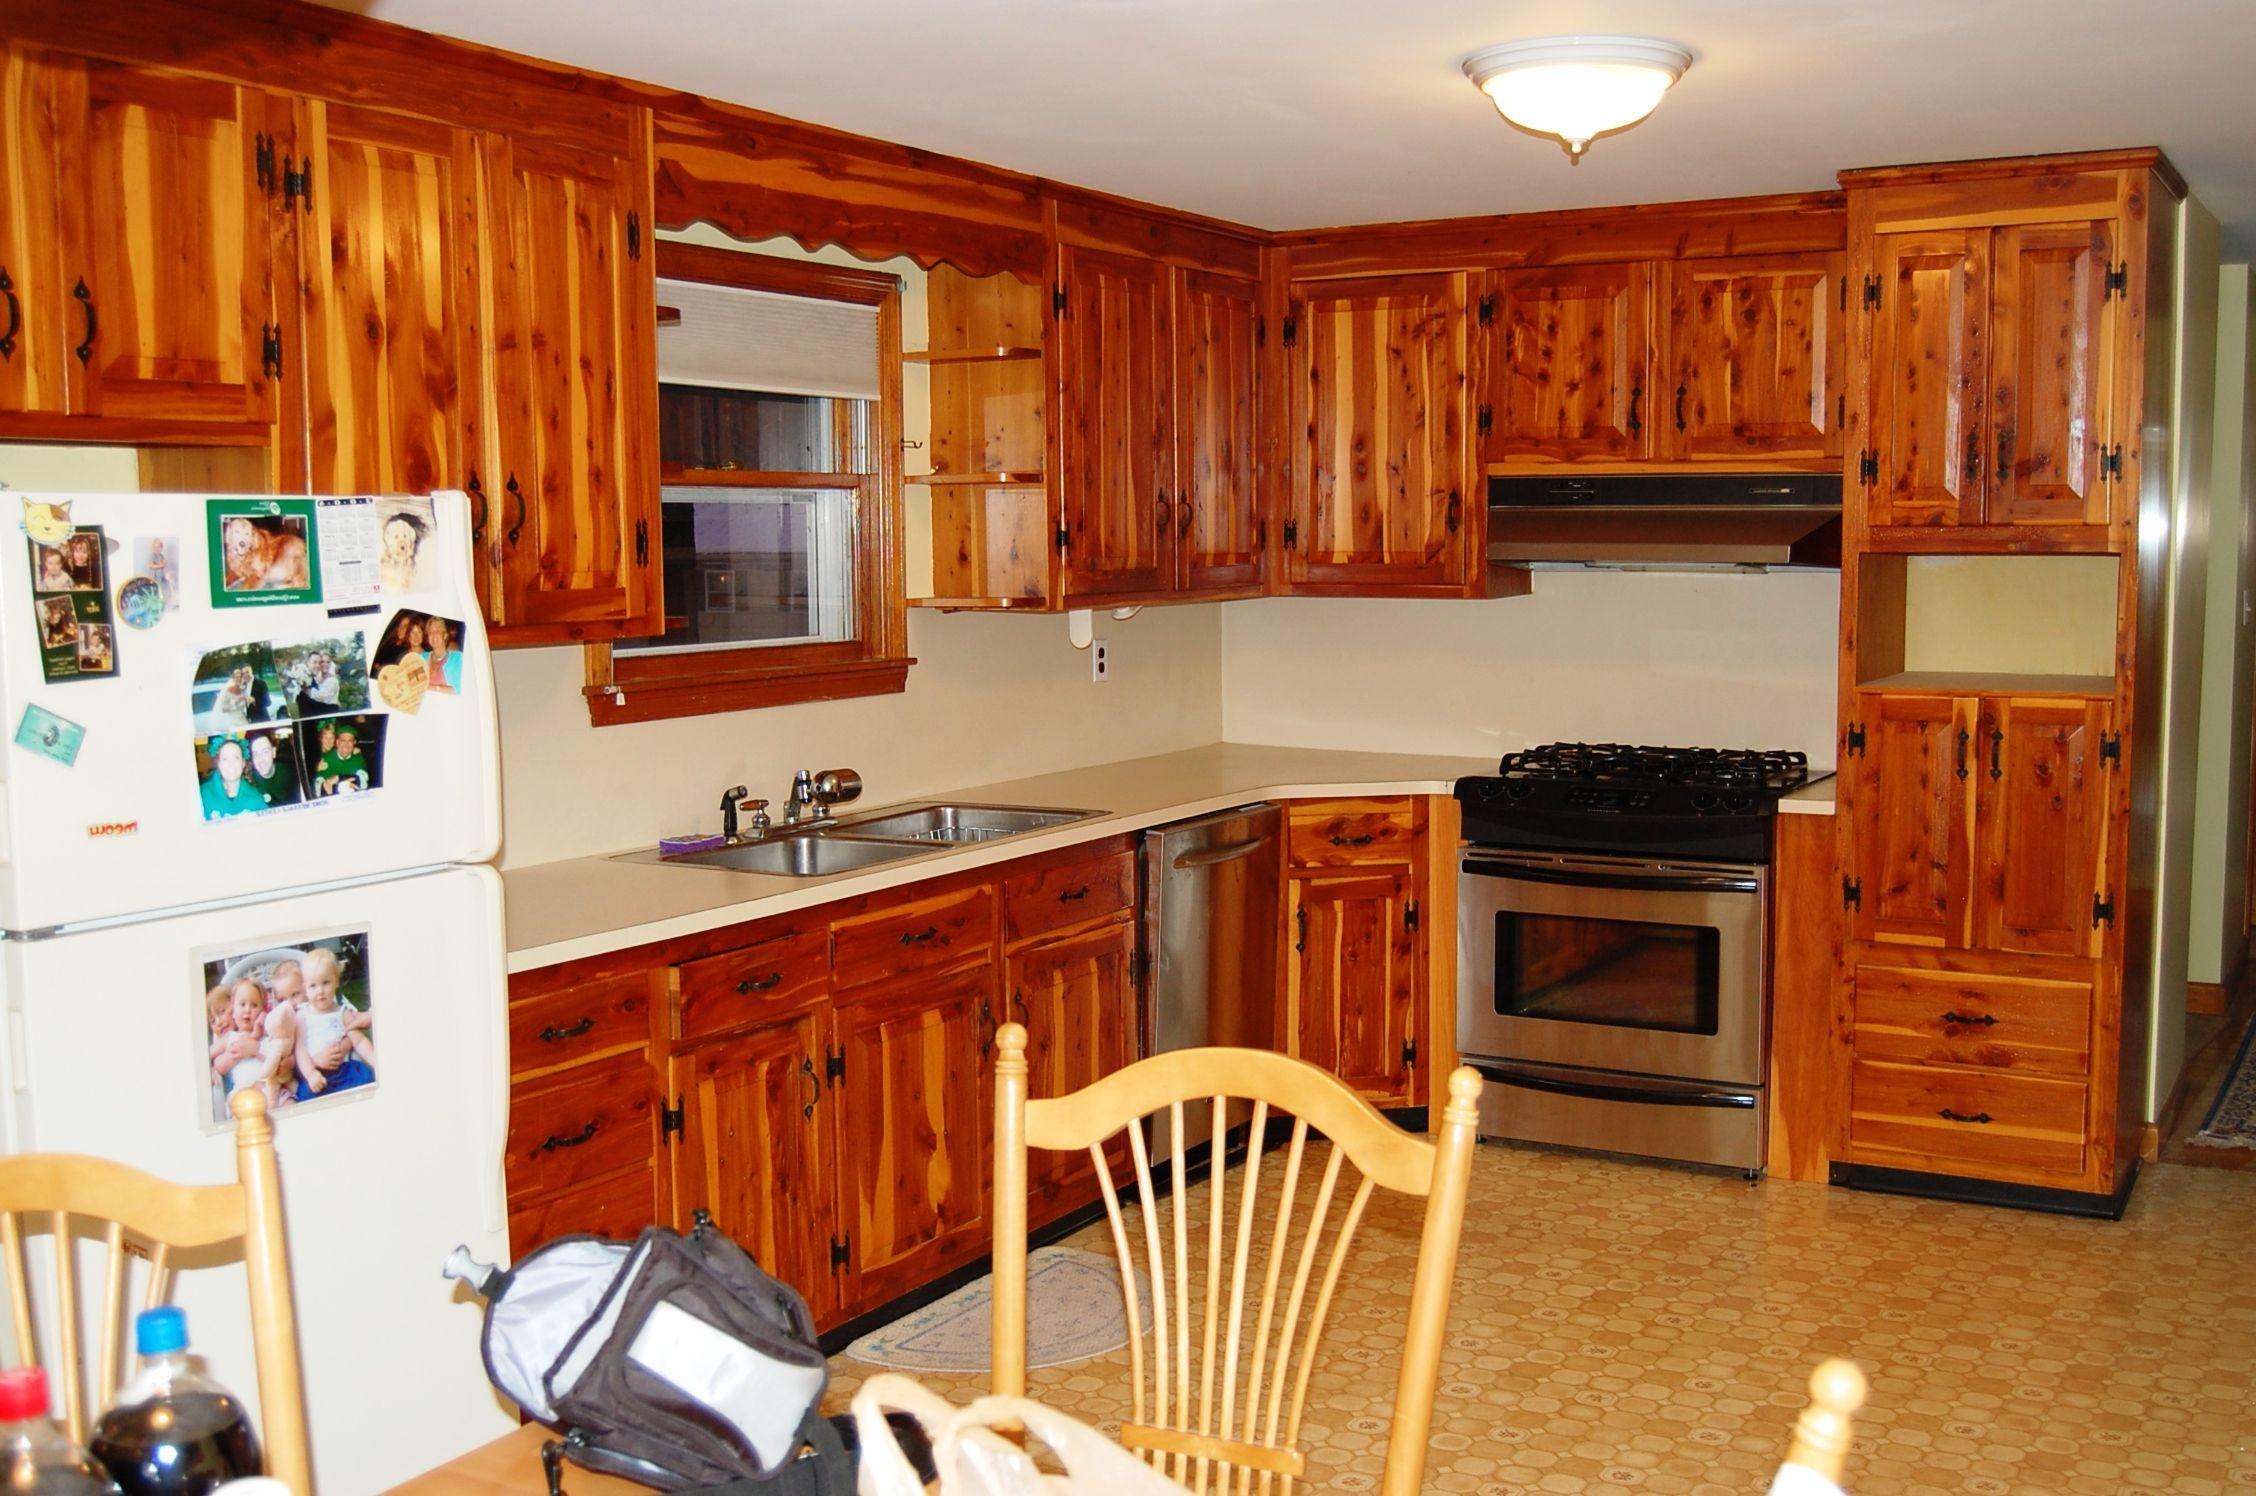 Kitchen Refacing Transform Your Kitchen